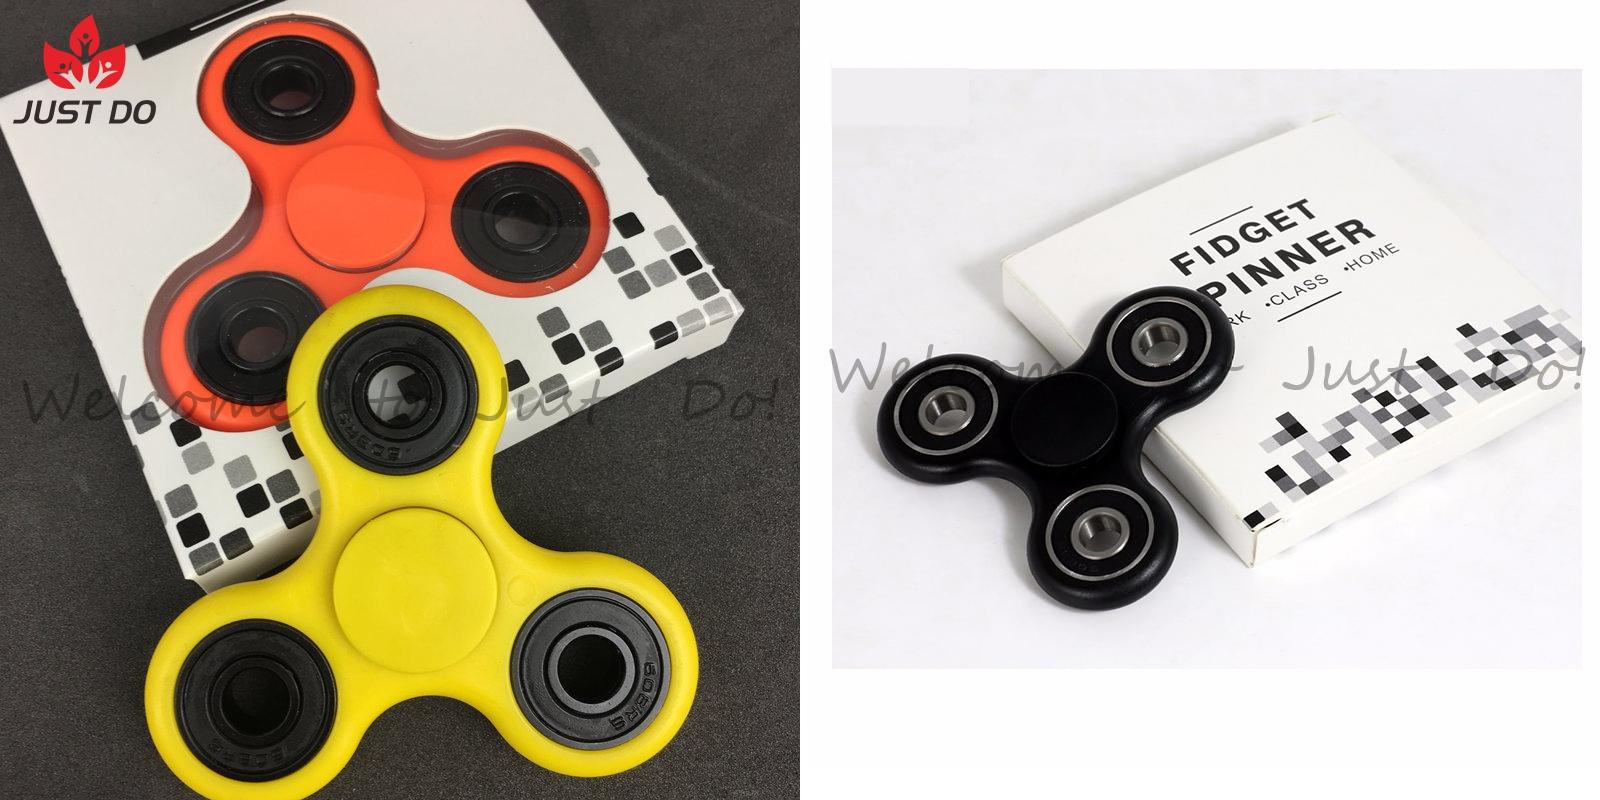 Как выбрать спиннер магазин спиннеров spinner shop вконтакте 1373384